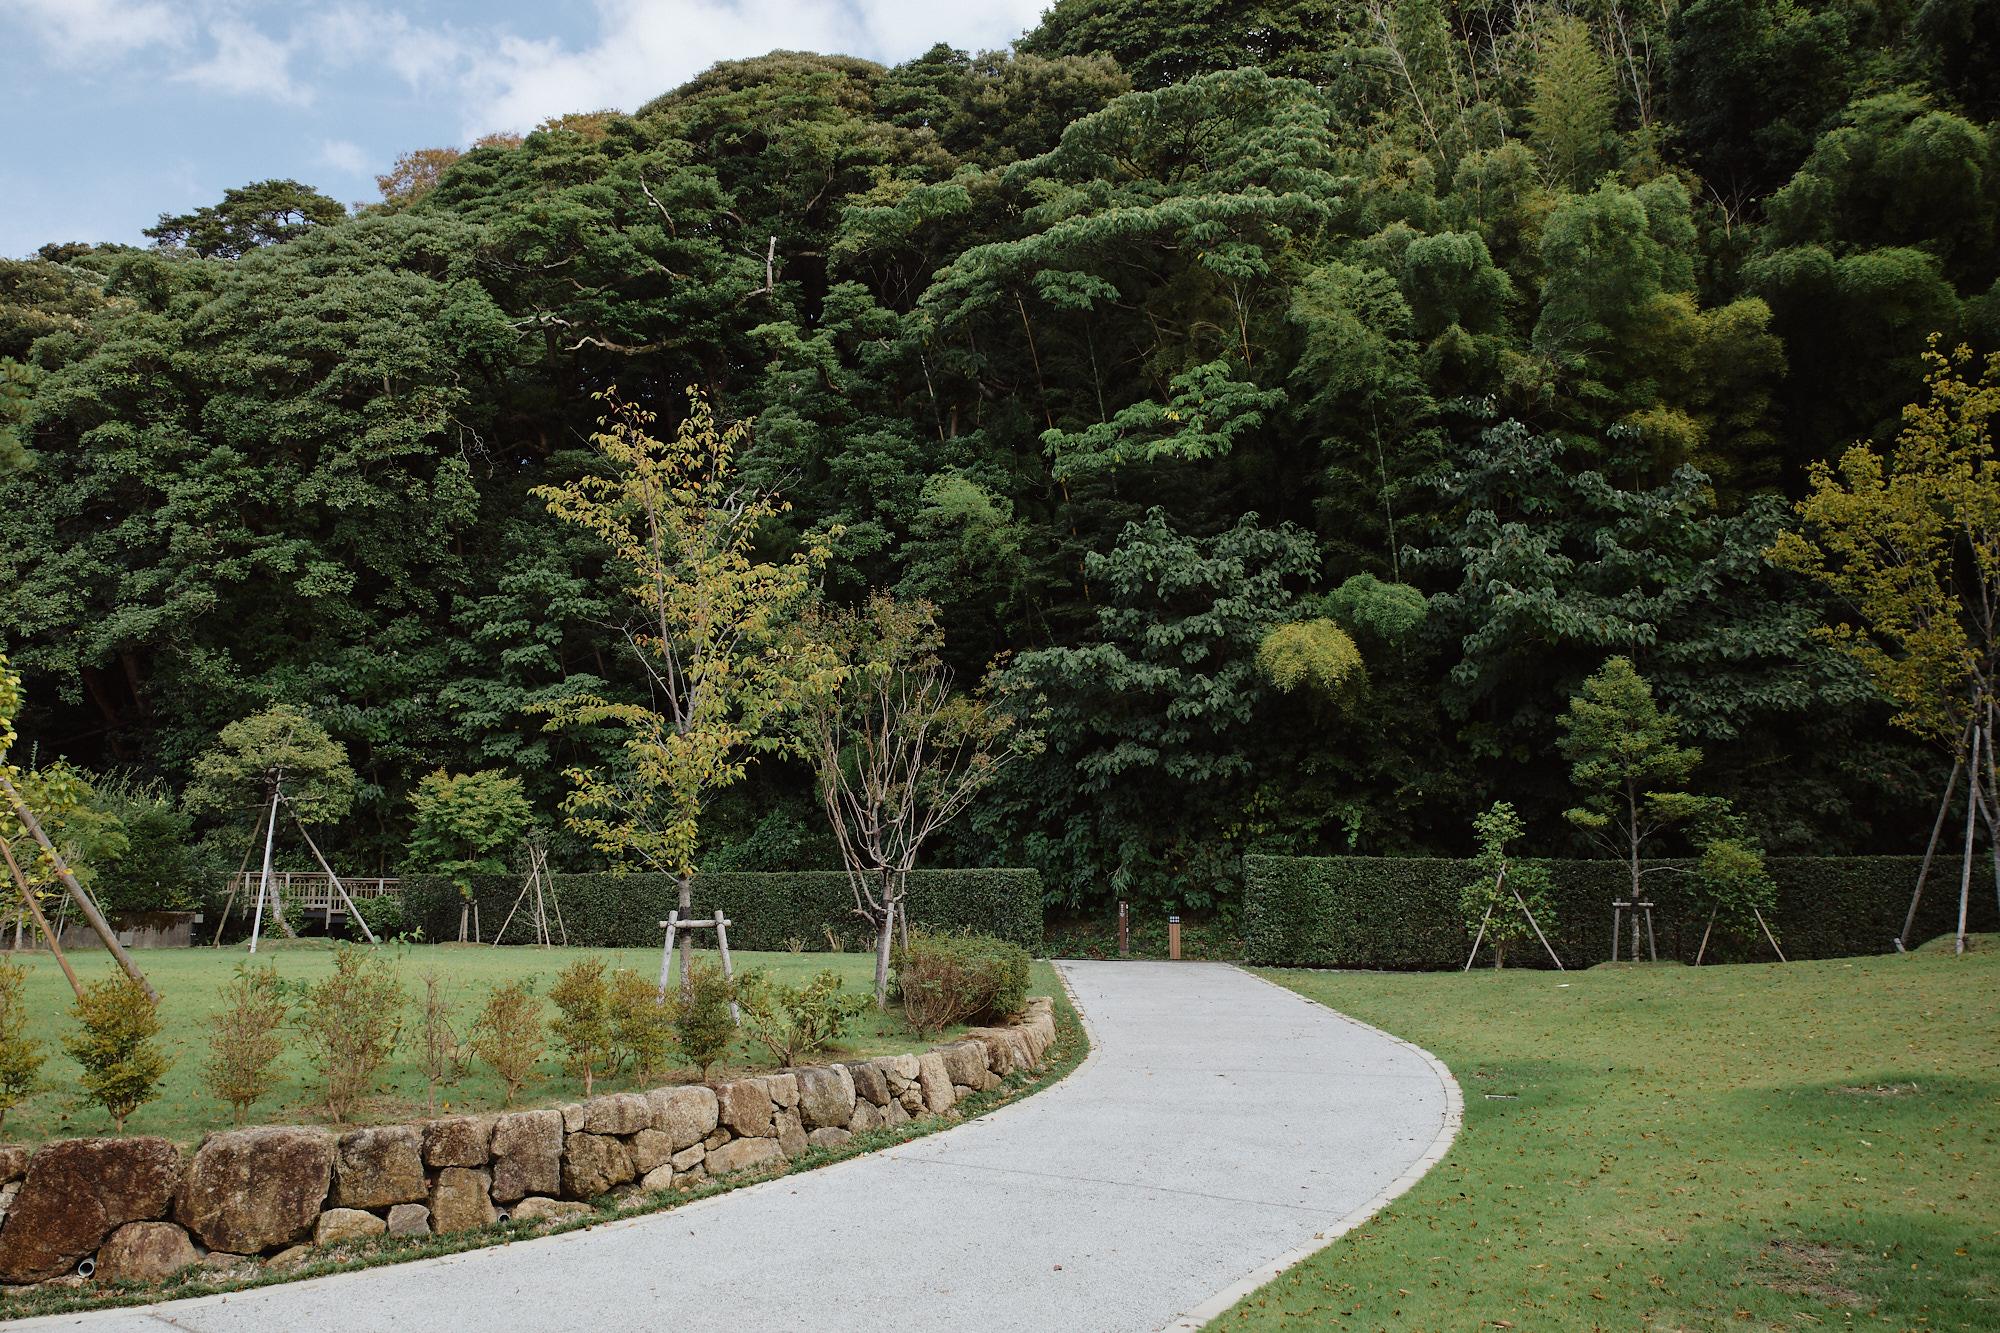 Honda park, forest